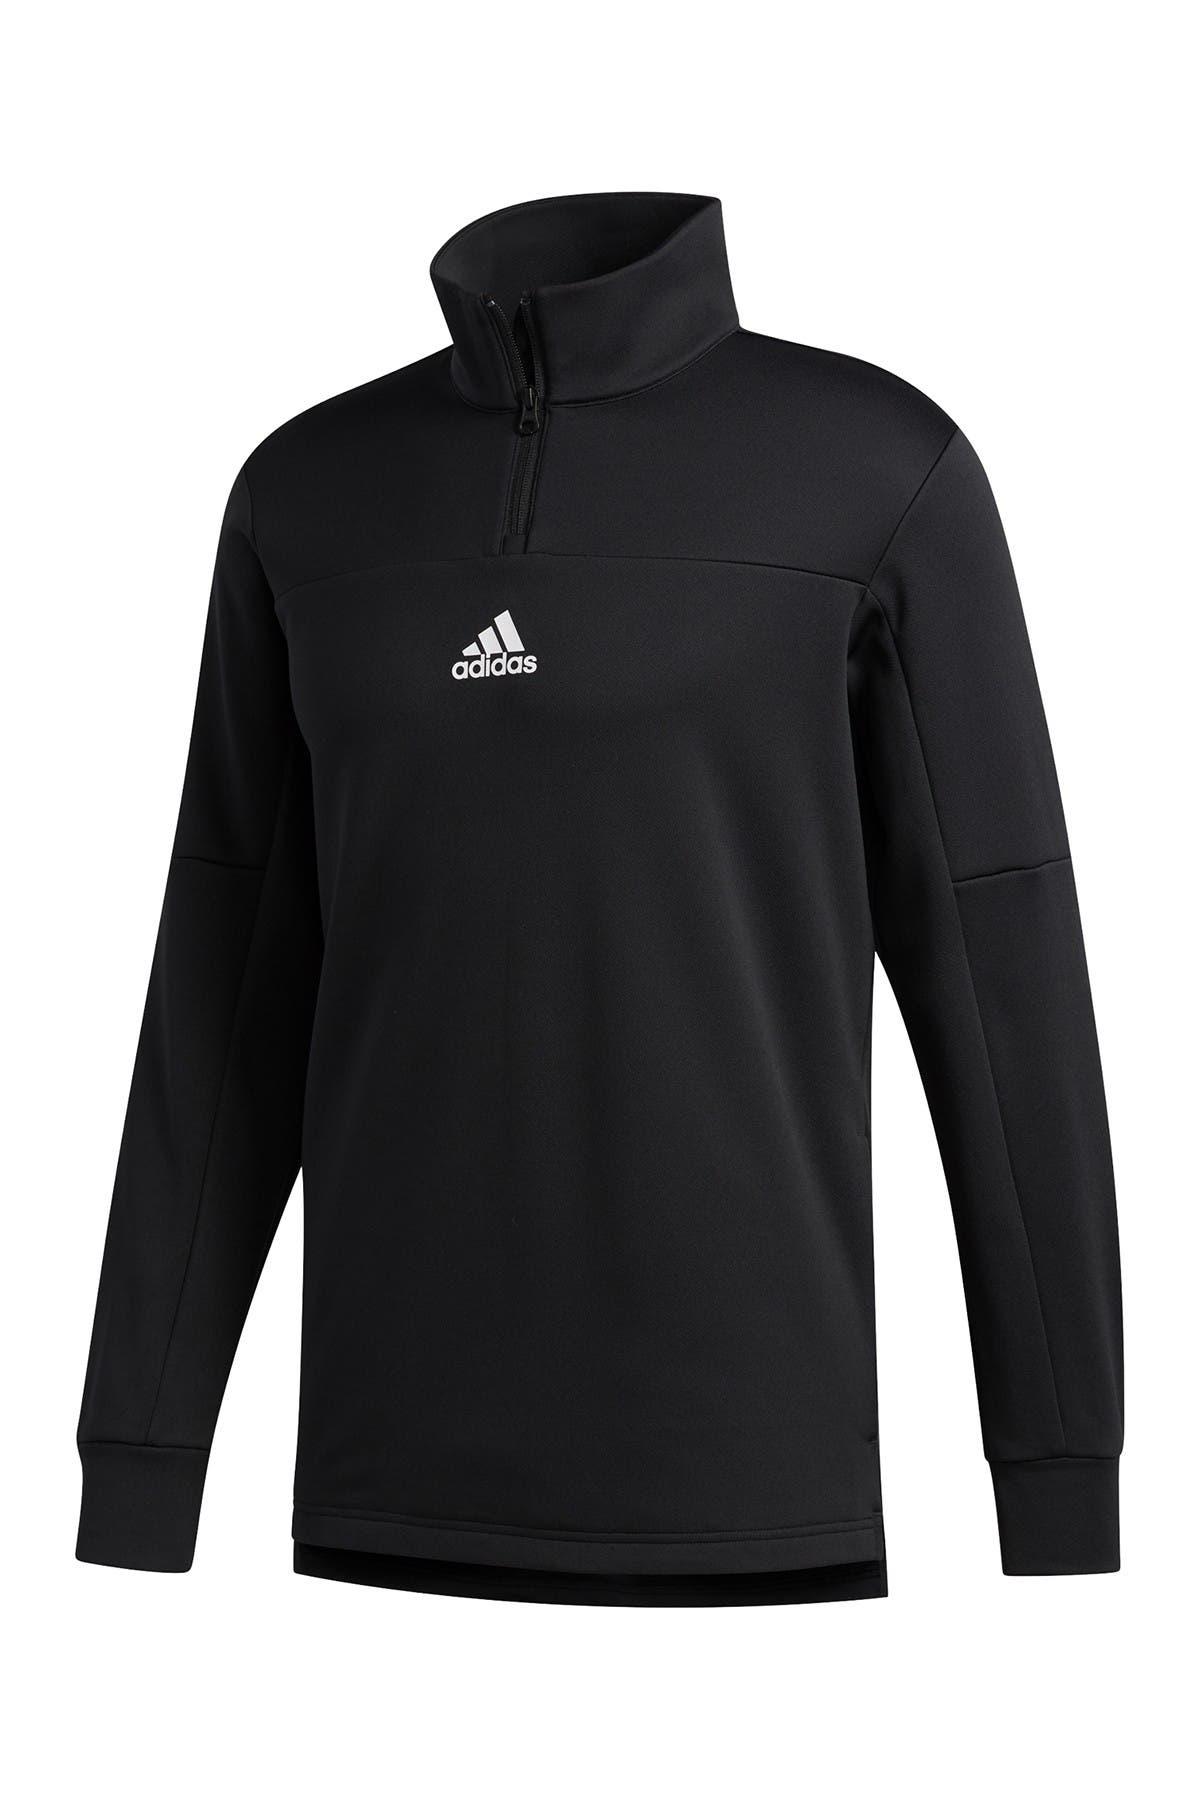 Image of adidas GG 1/4 Zip Jacket